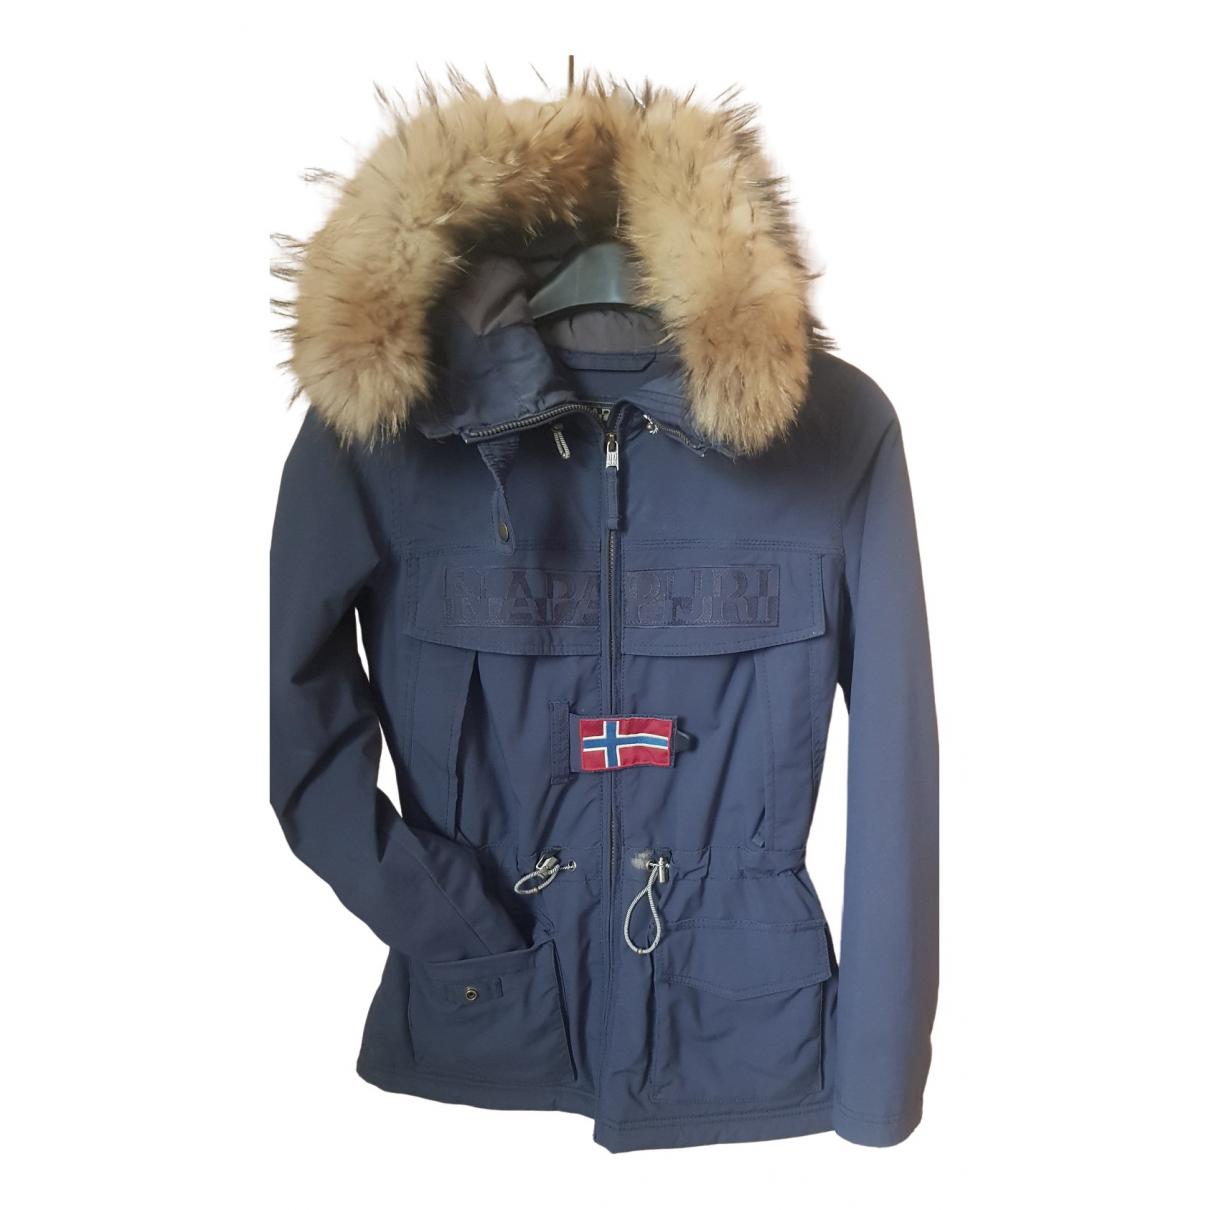 Napapijri - Manteau   pour femme - bleu